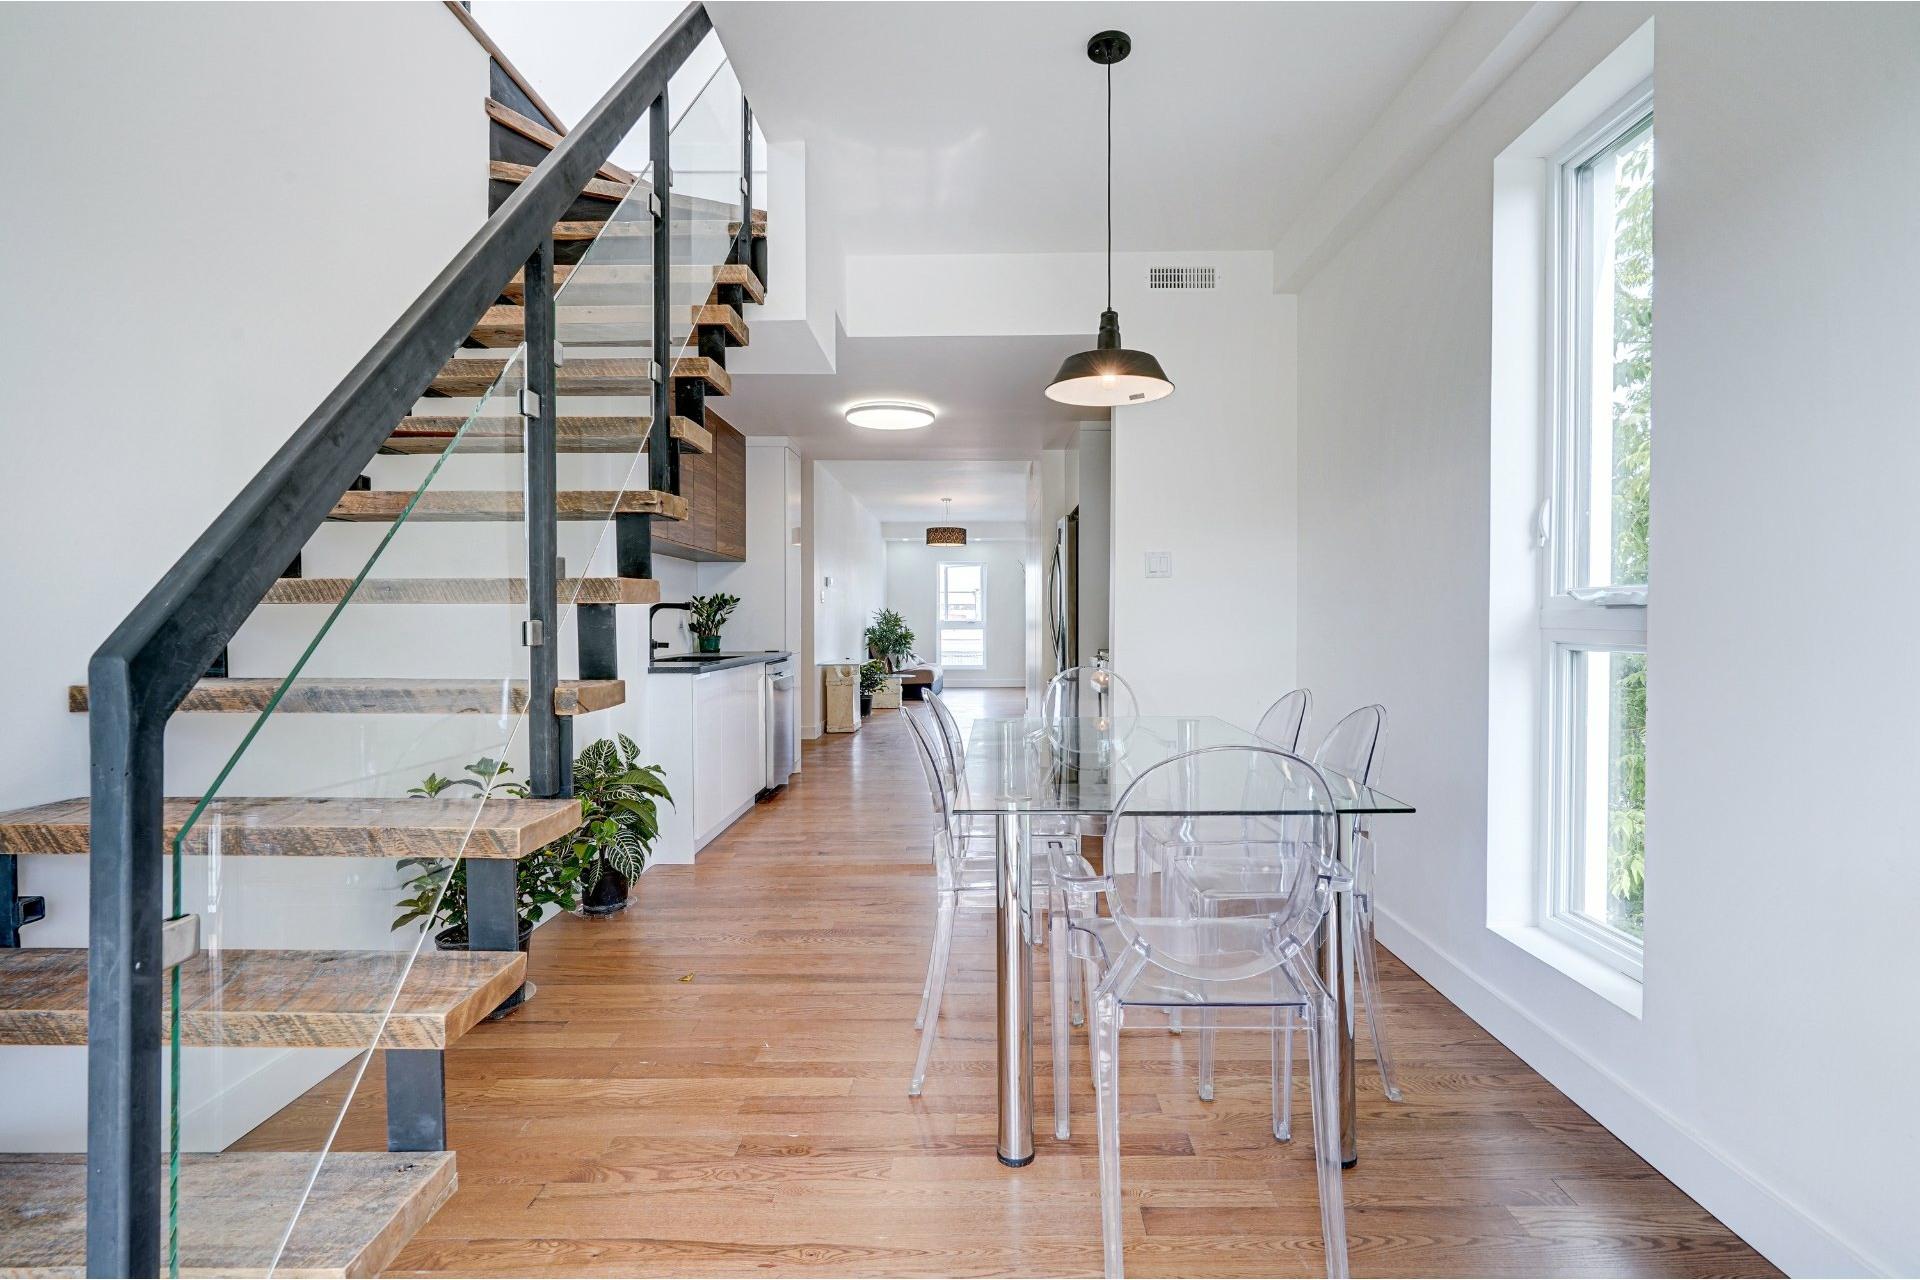 image 5 - Apartment For sale Lachine Montréal  - 6 rooms